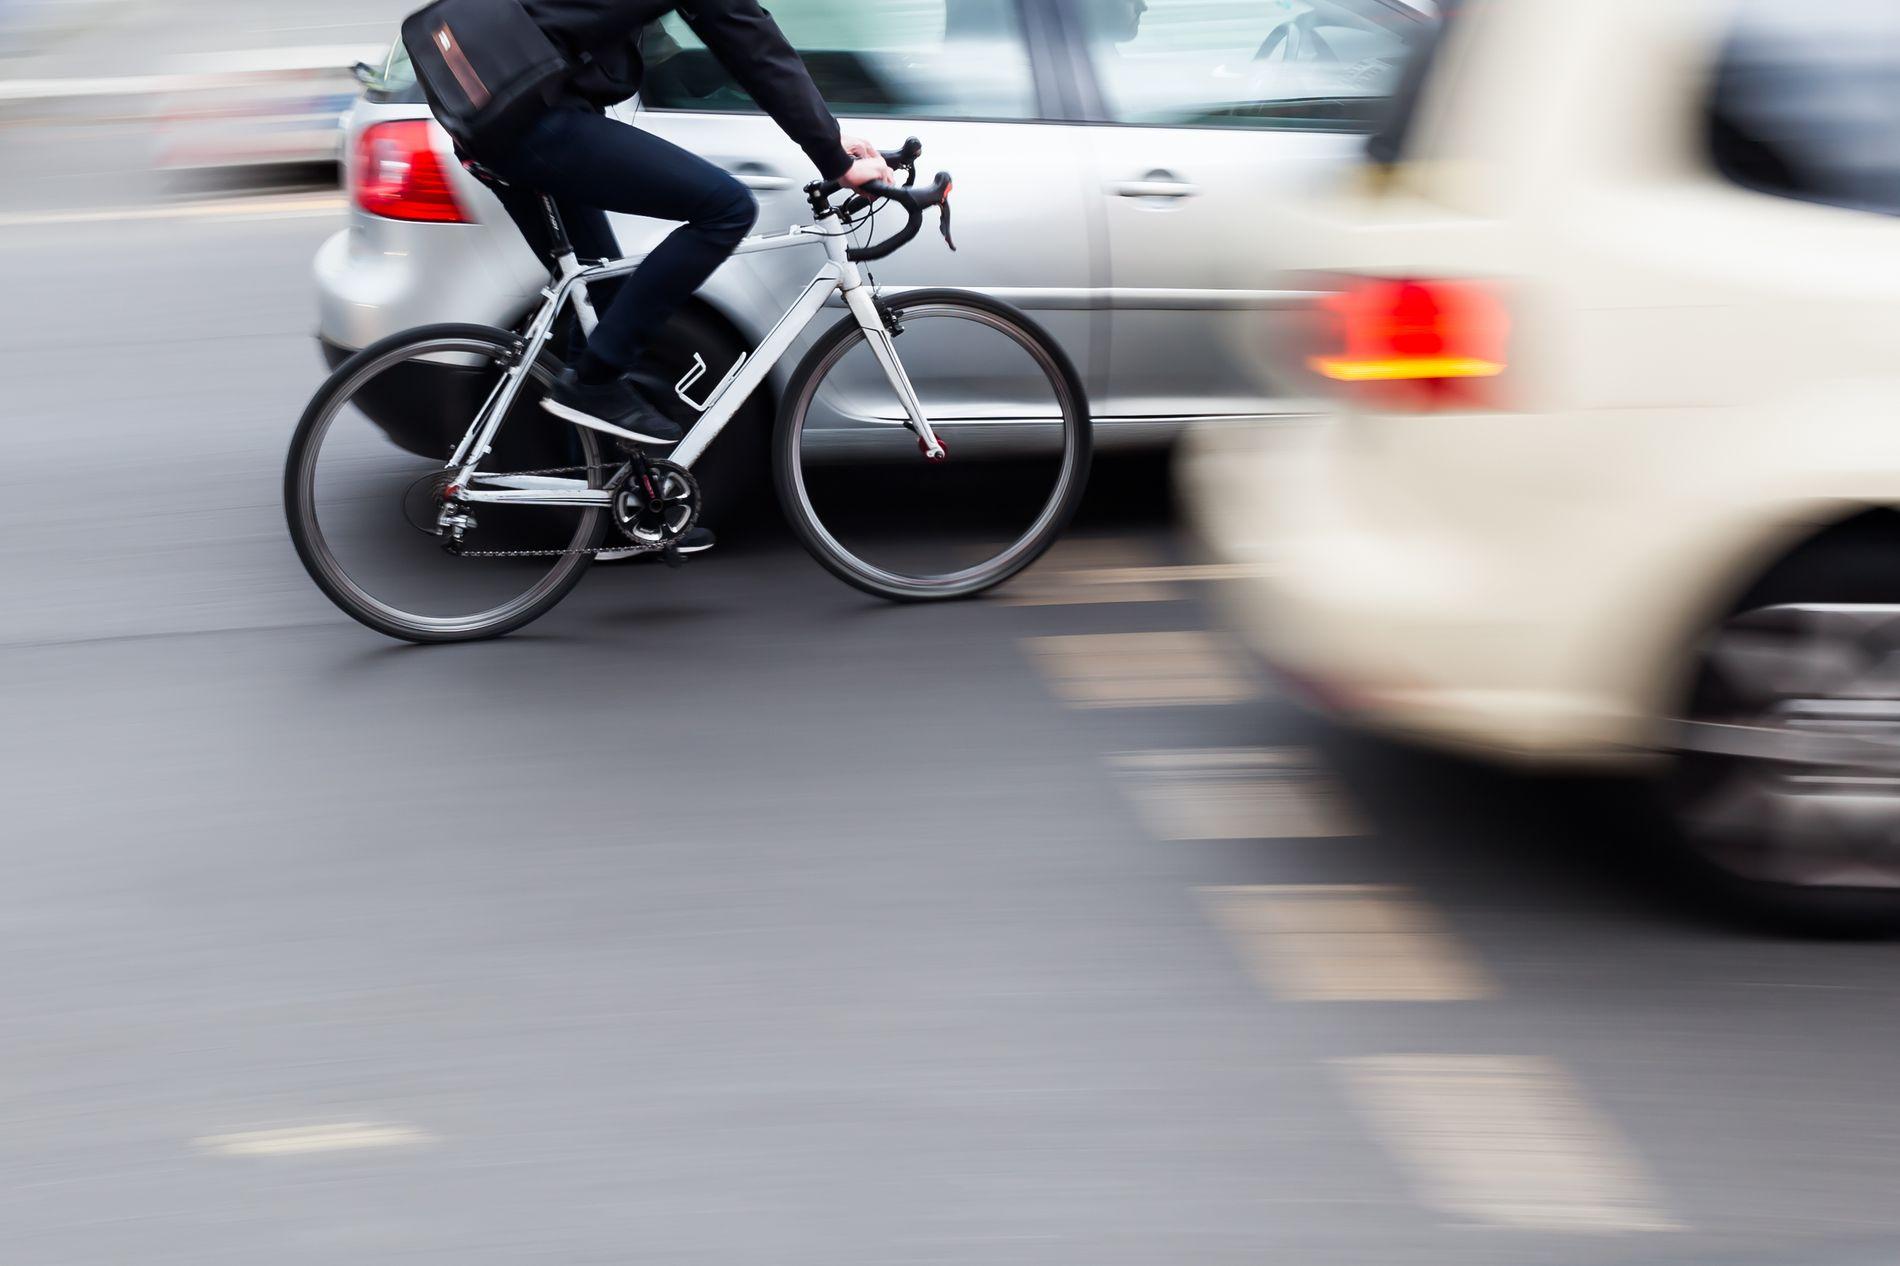 BØLLER I TRAFIKKEN: Jeg er ivrig syklist, men skammer meg over mange av mine sykkelkollegaer, skriver Frode Øglænd.